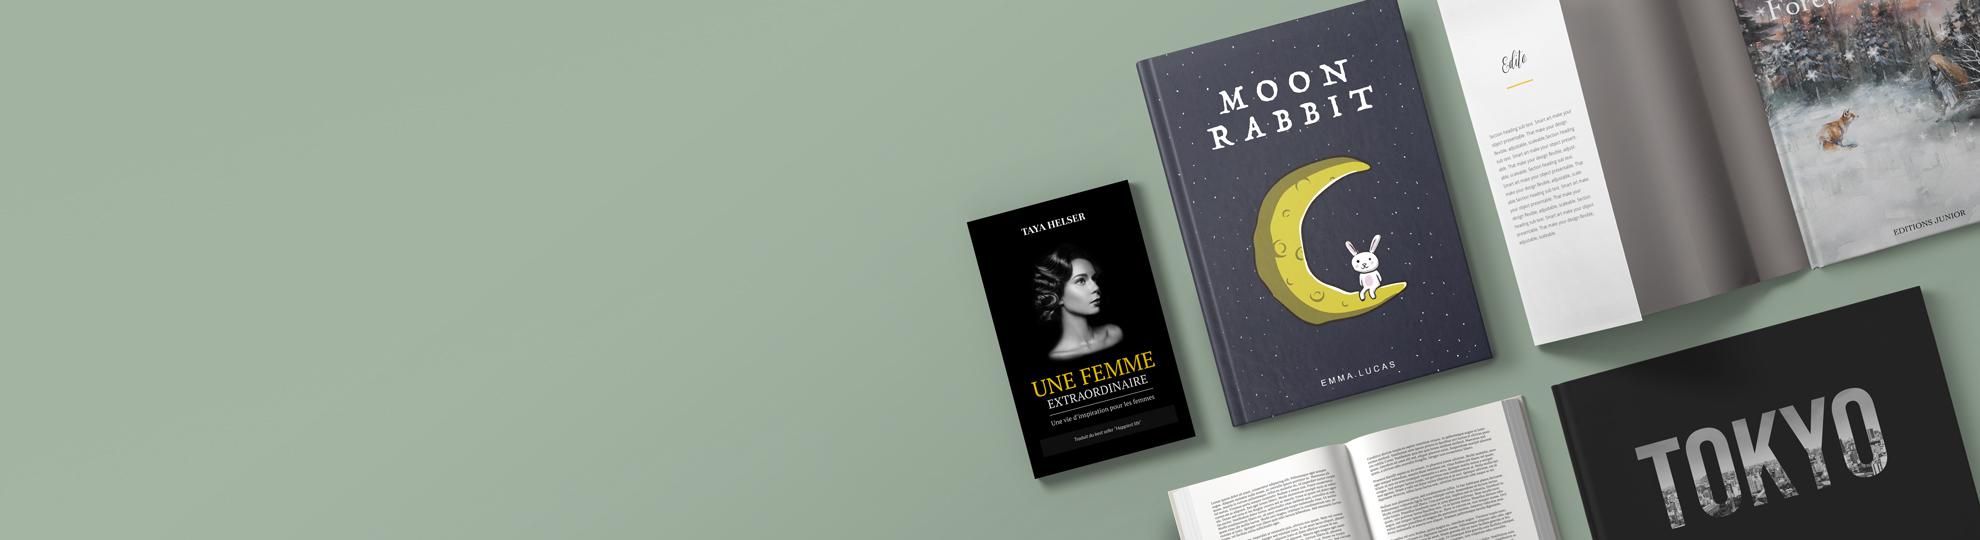 Imprimer livre et catalogue haut de gamme